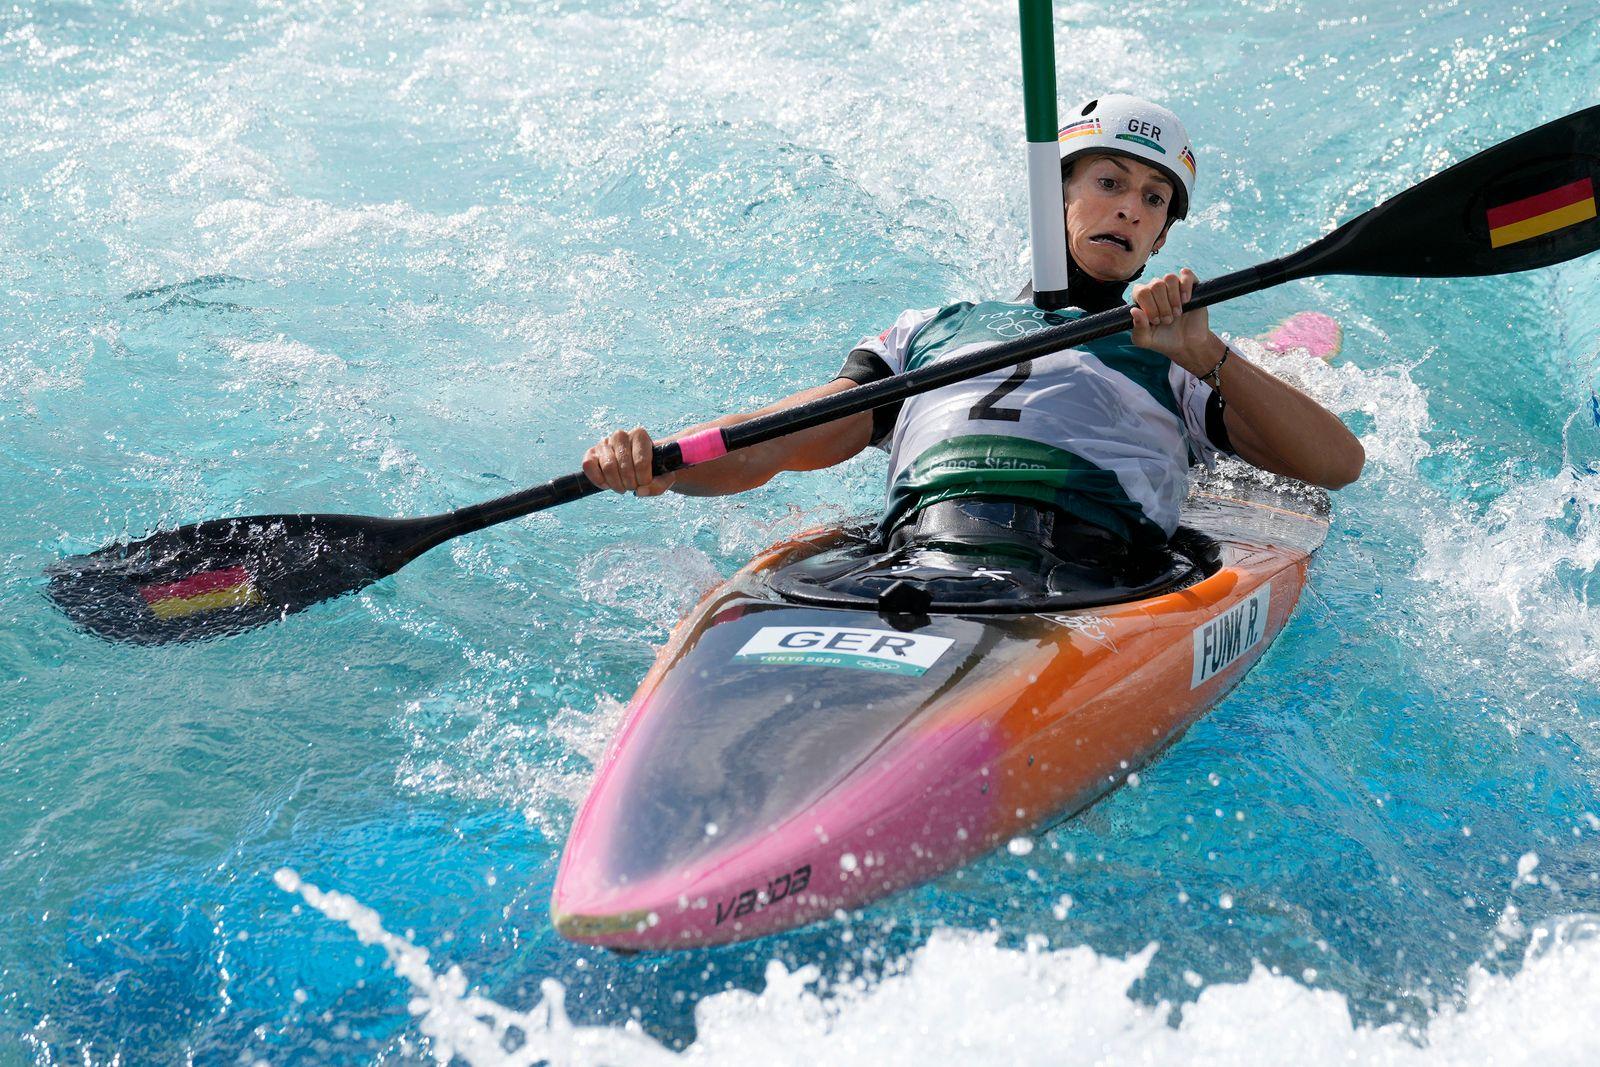 Tokyo Olympics Canoe Slalom